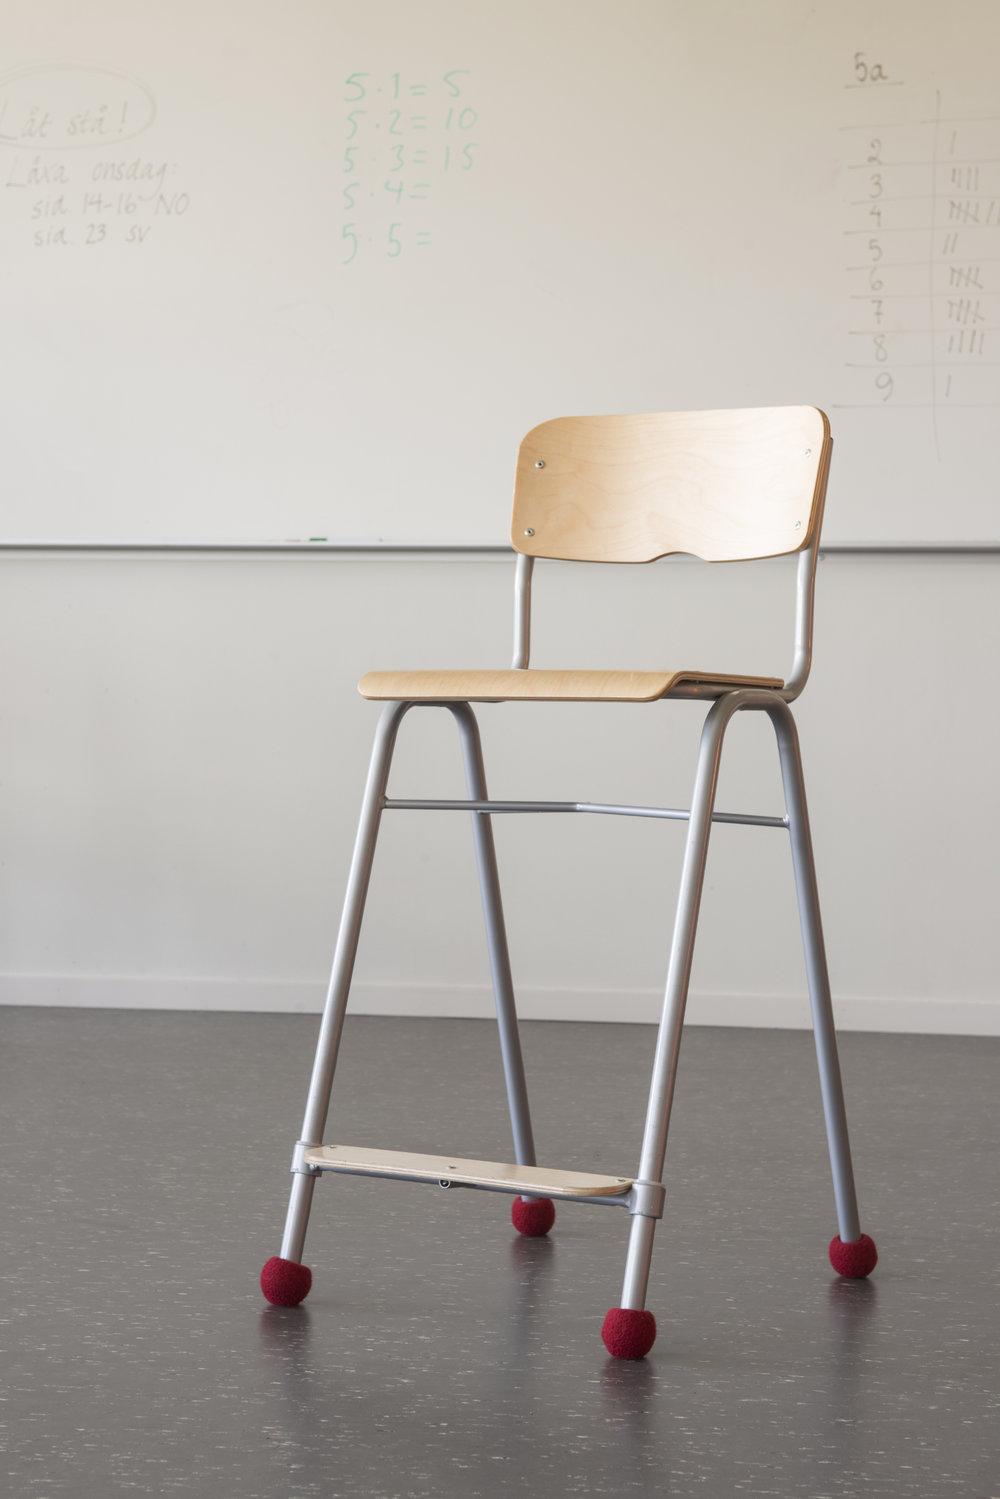 Silent Socks in der Schule